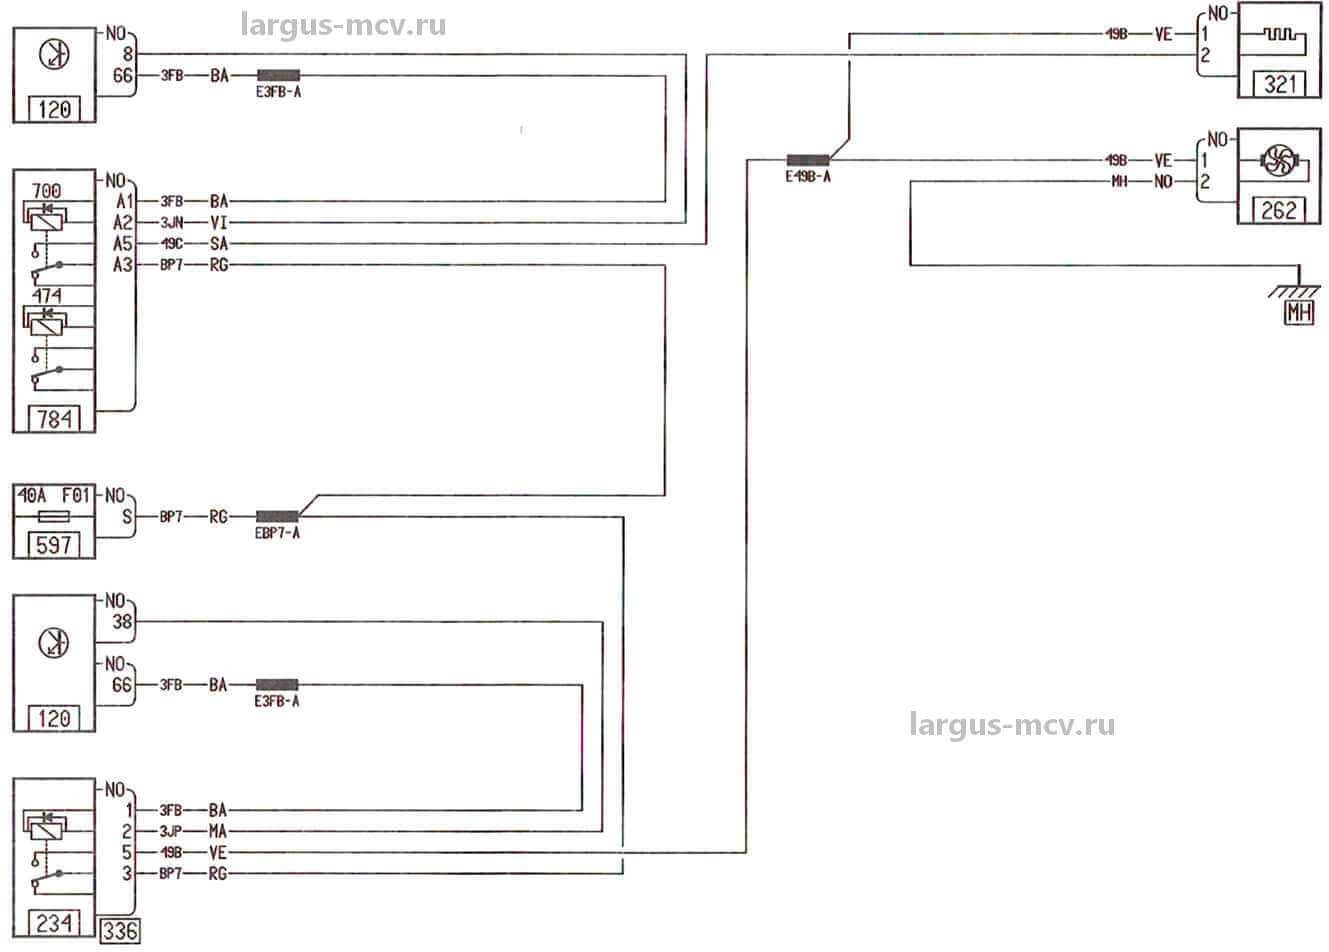 схема системы охлаждения автомобиля ваз 21010